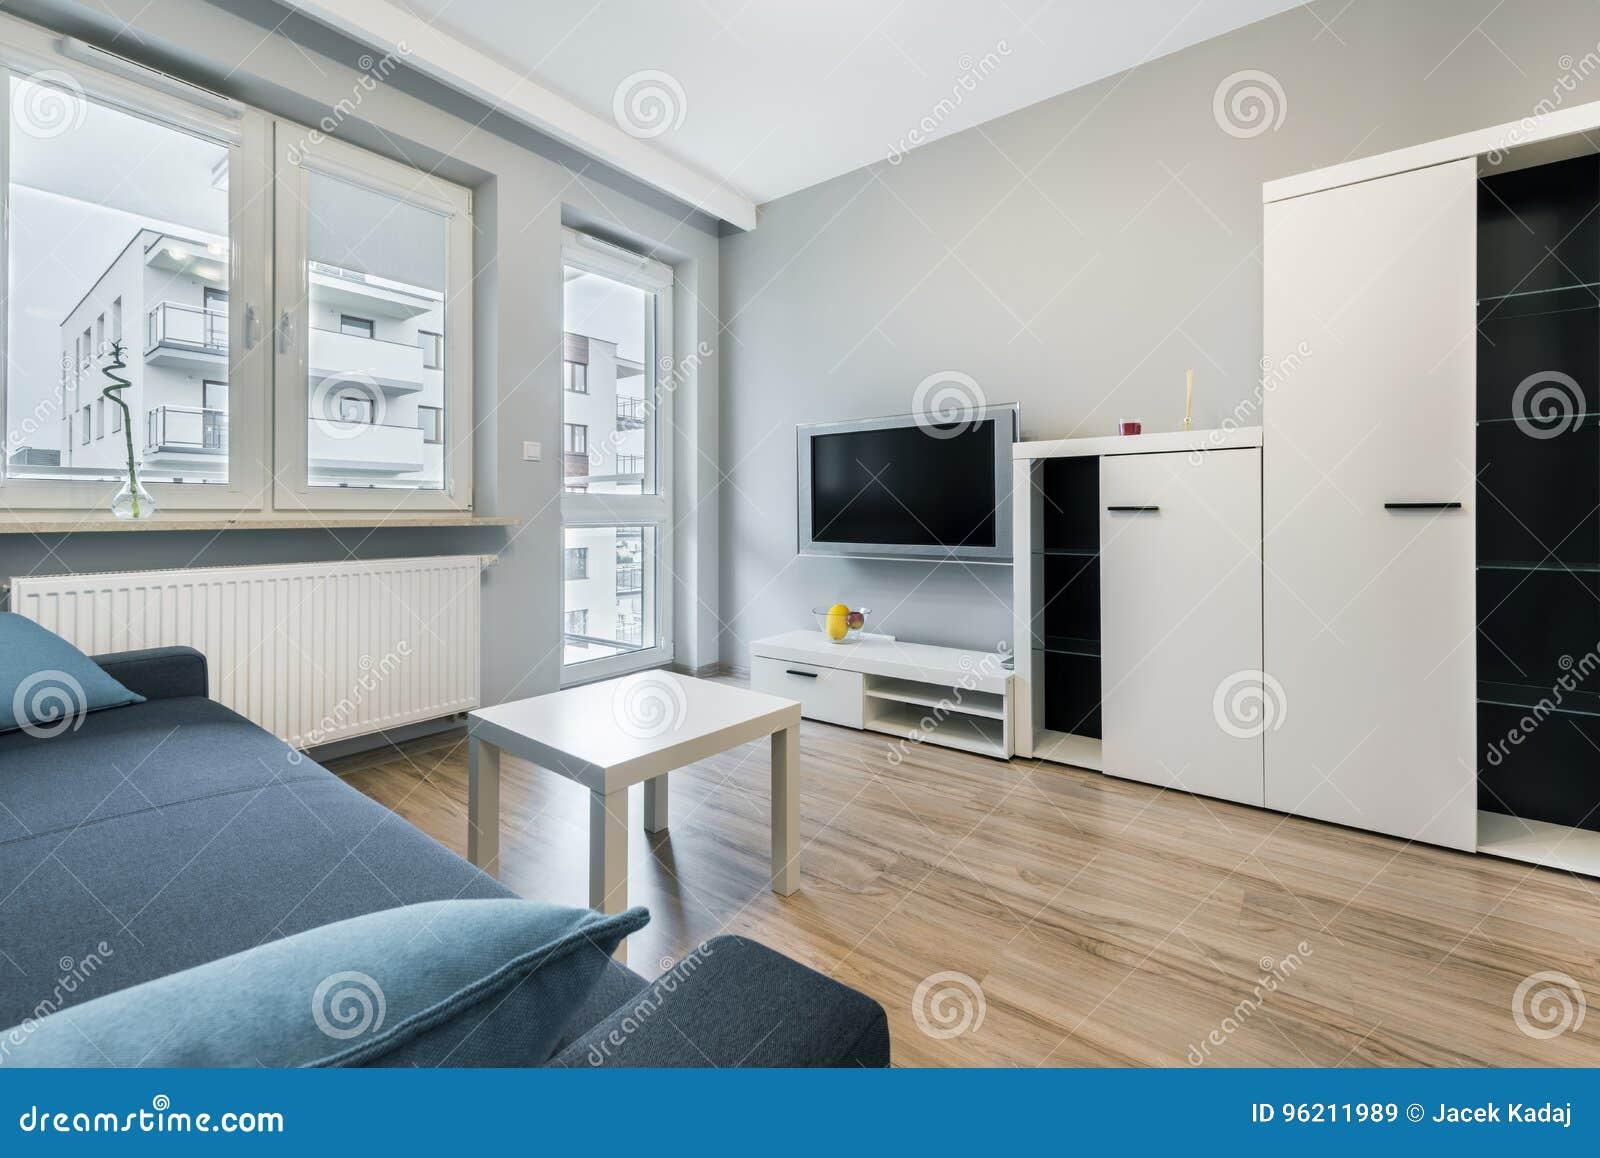 Salon Moderne Avec Les Murs Gris Image stock - Image du ...